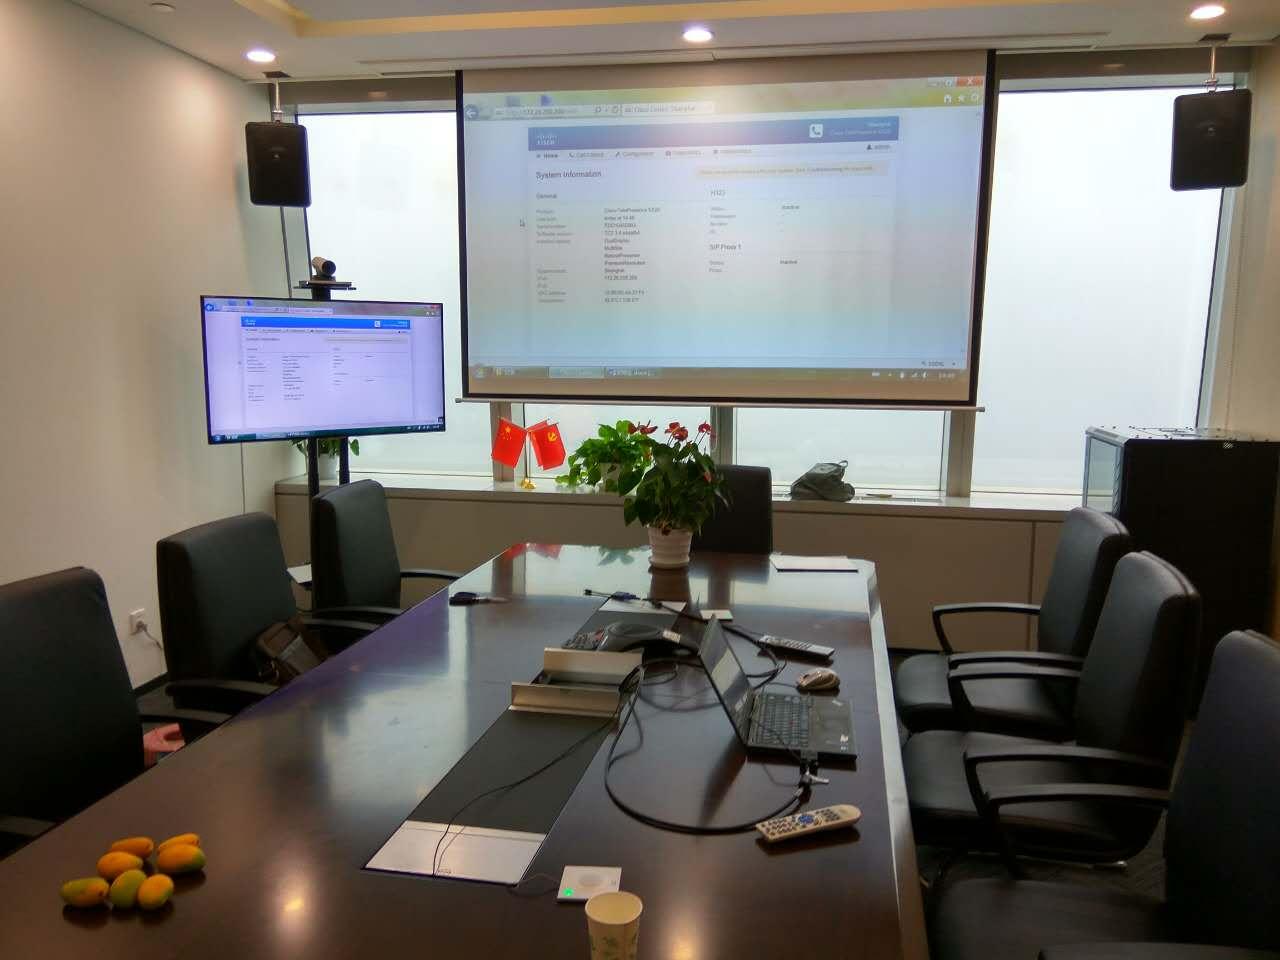 思科sx20配合电视机和投影幕双屏显示